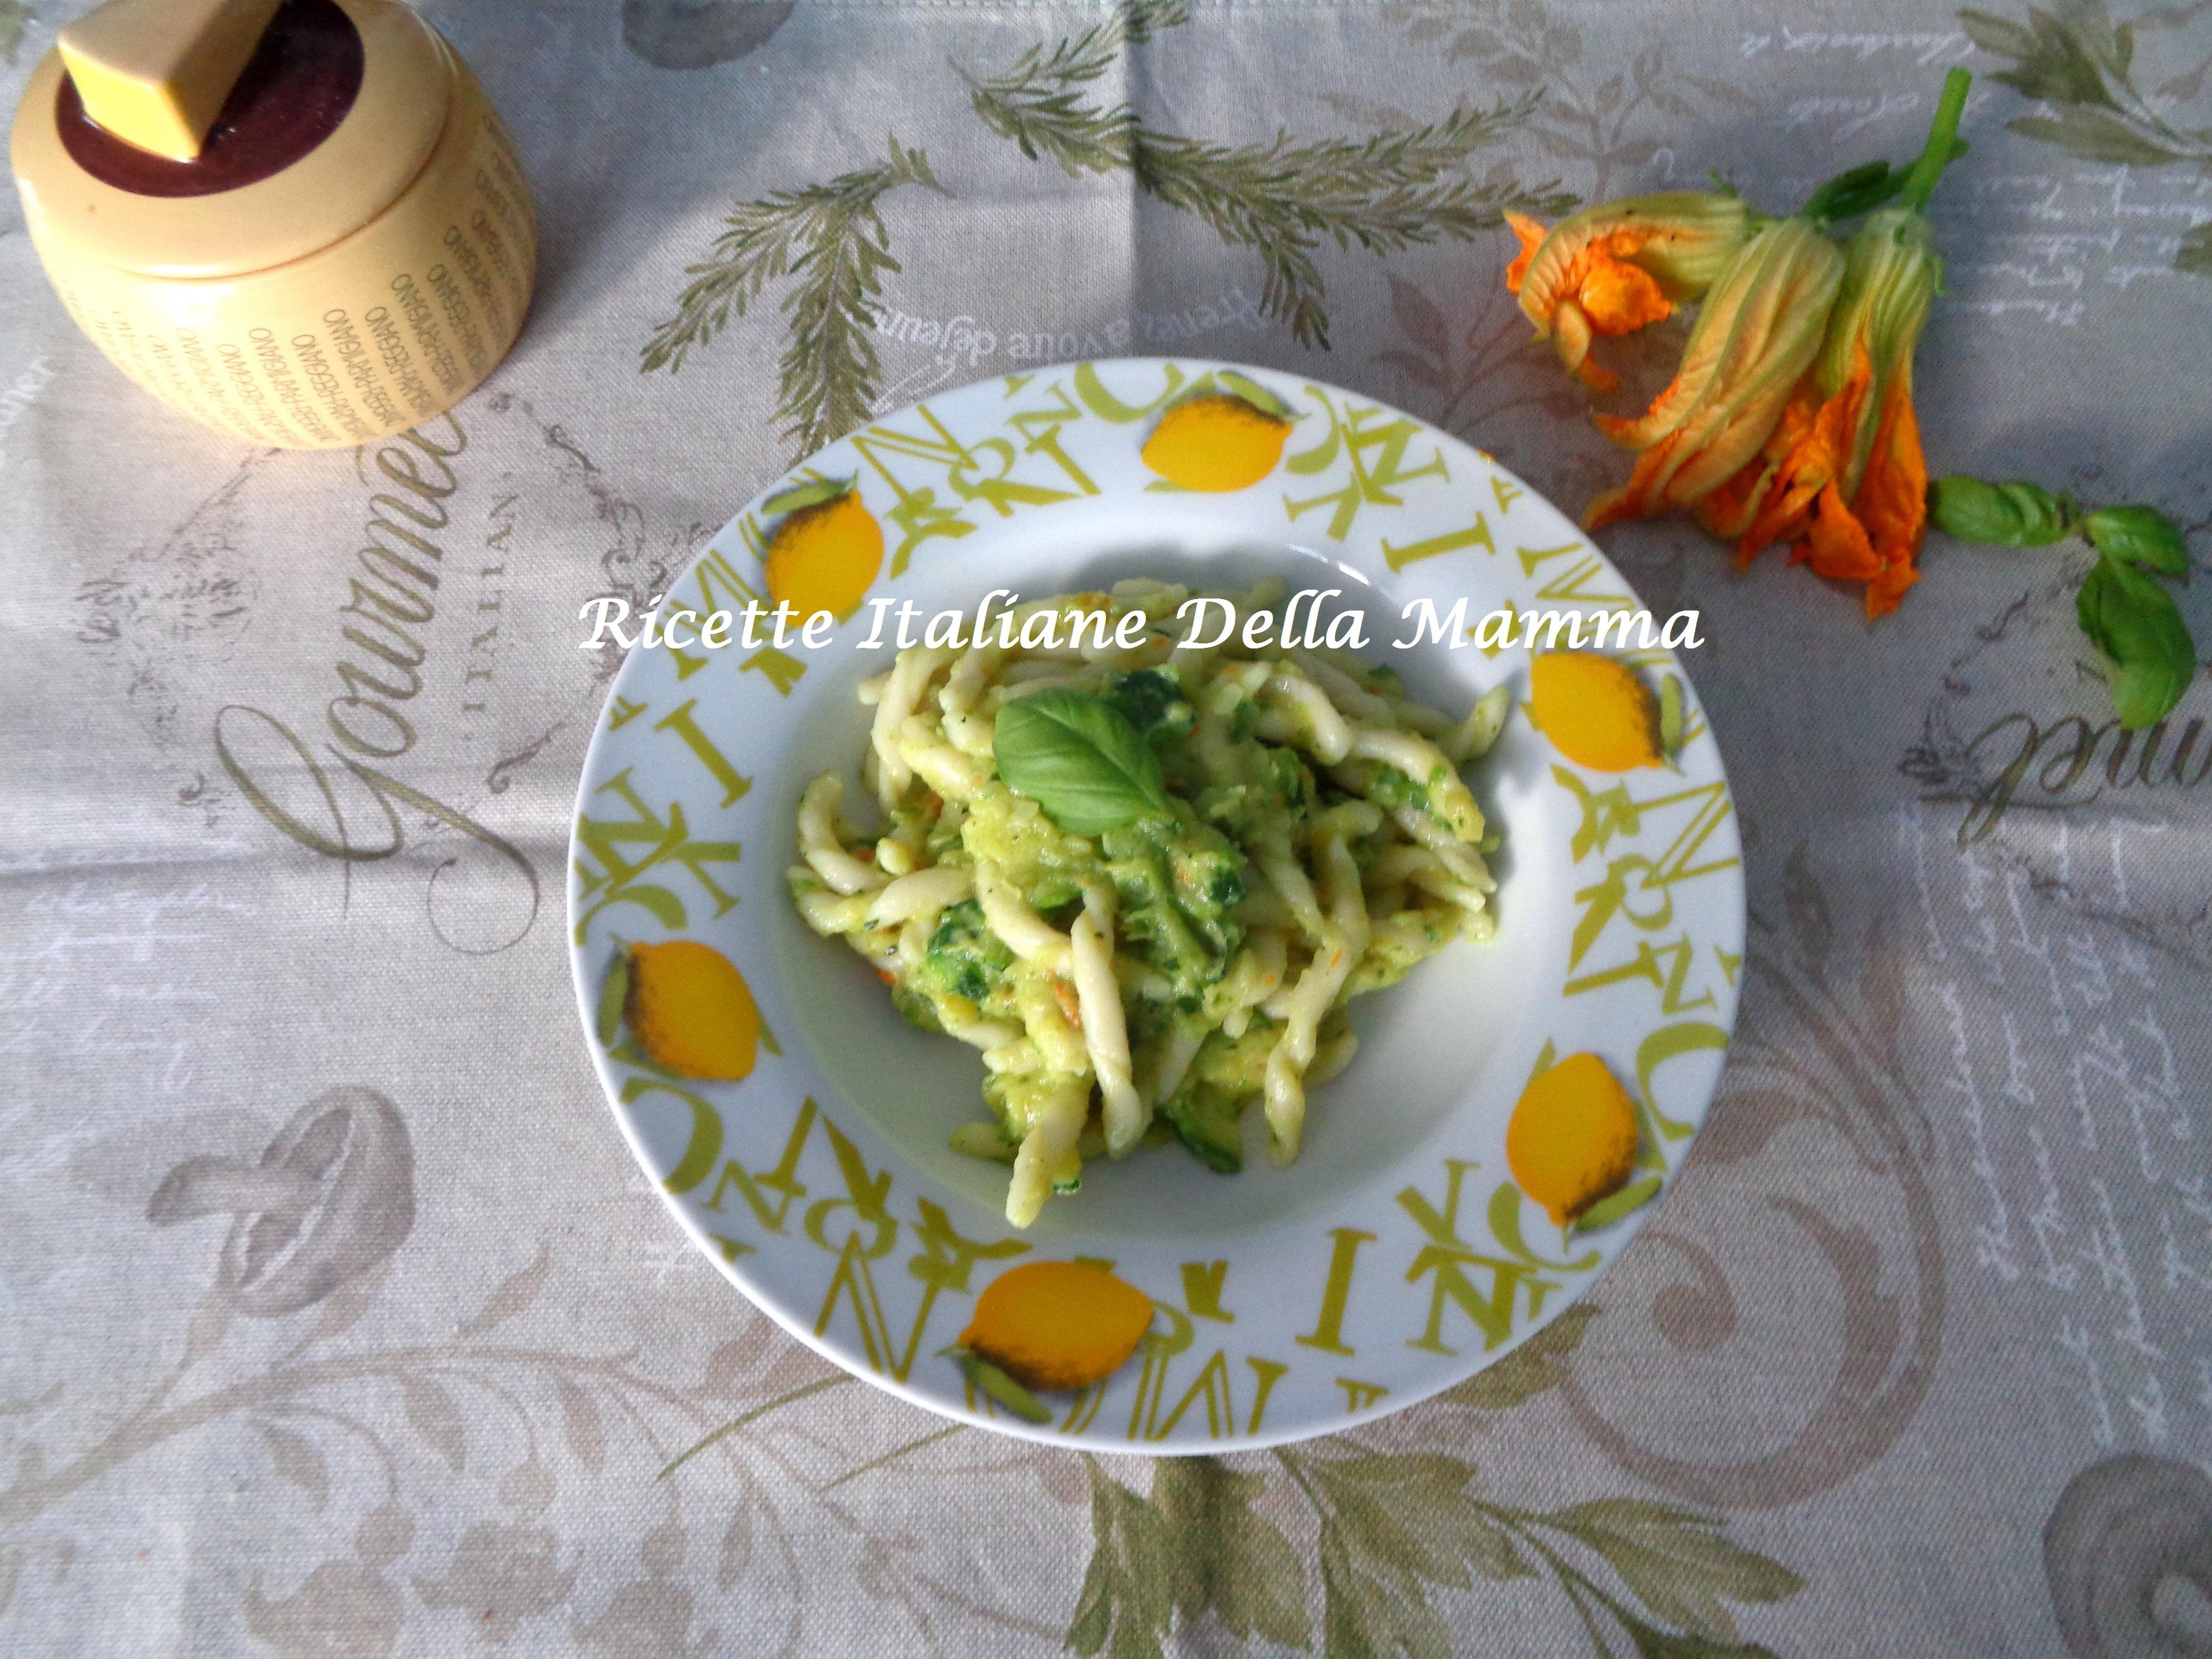 Ricetta strozzapreti e zucchine ricette italiane della mamma for Ricette italiane